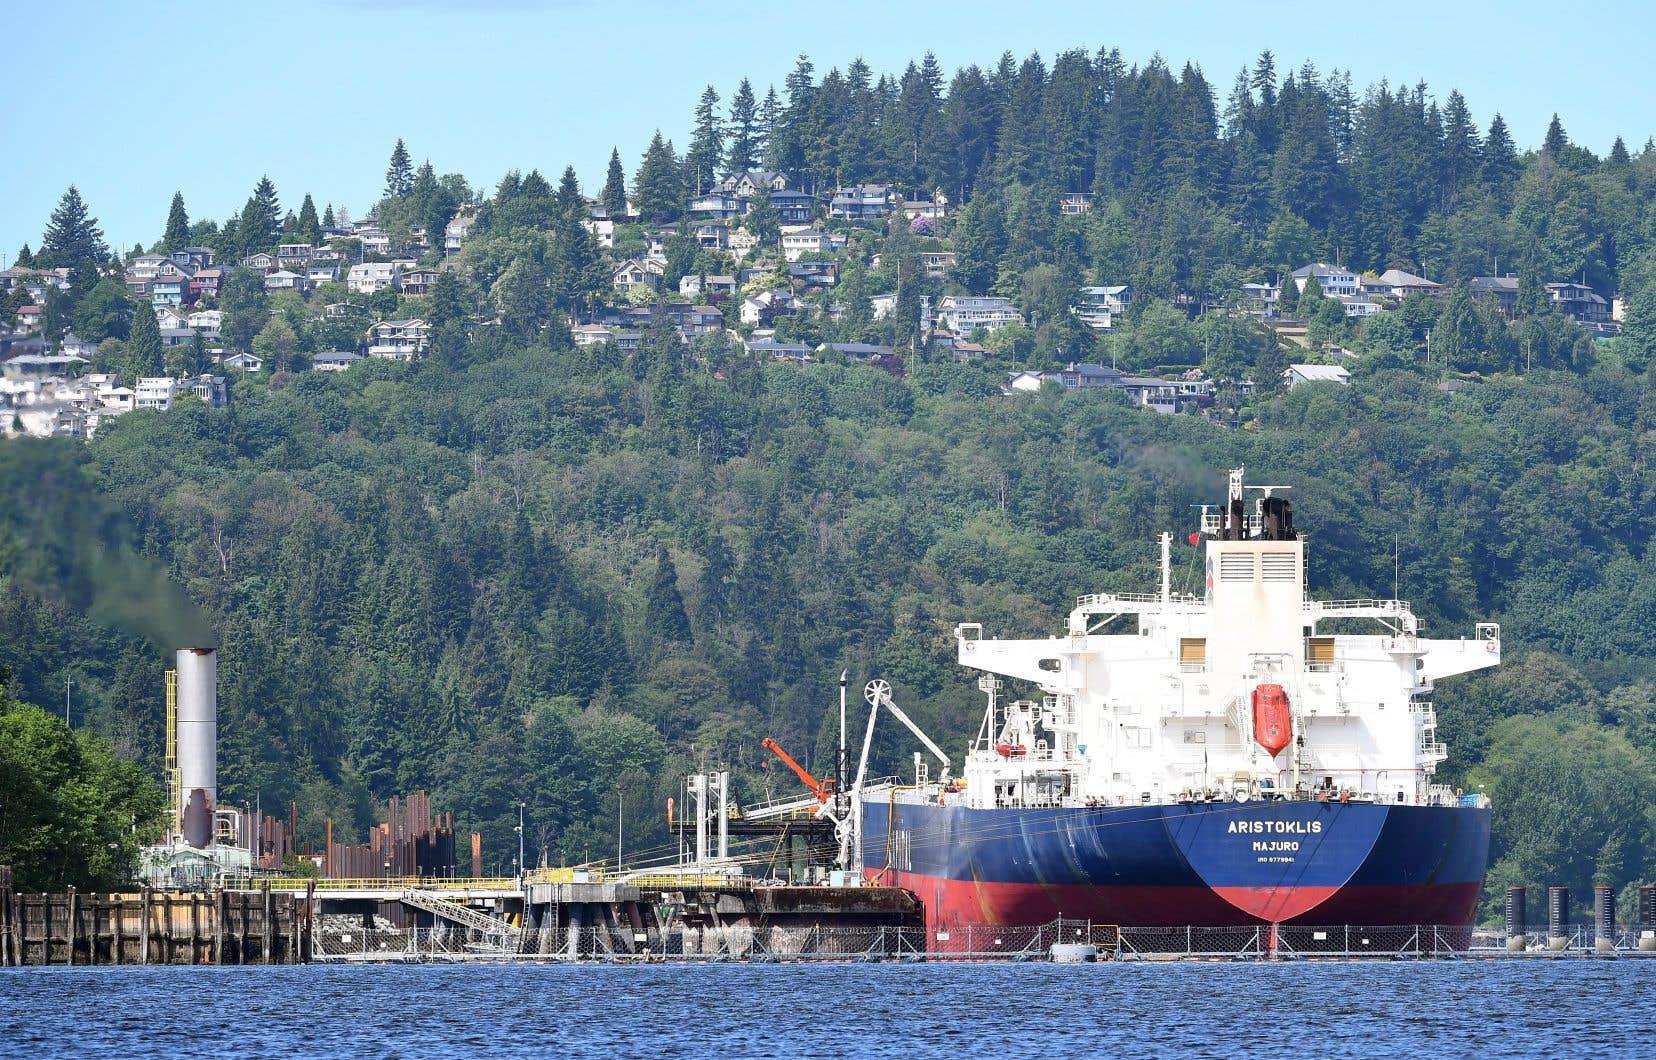 Un pétrolier au terminal marin du projet Trans Mountain à Burnaby, en Colombie-Britannique. Le tracé de l'oléoduc allant d'Edmonton à Vancouver traverse ou frôle quelque 138 communautés autochtones. Si plusieurs s'opposent au projet, d'autres au contraire l'appuient.